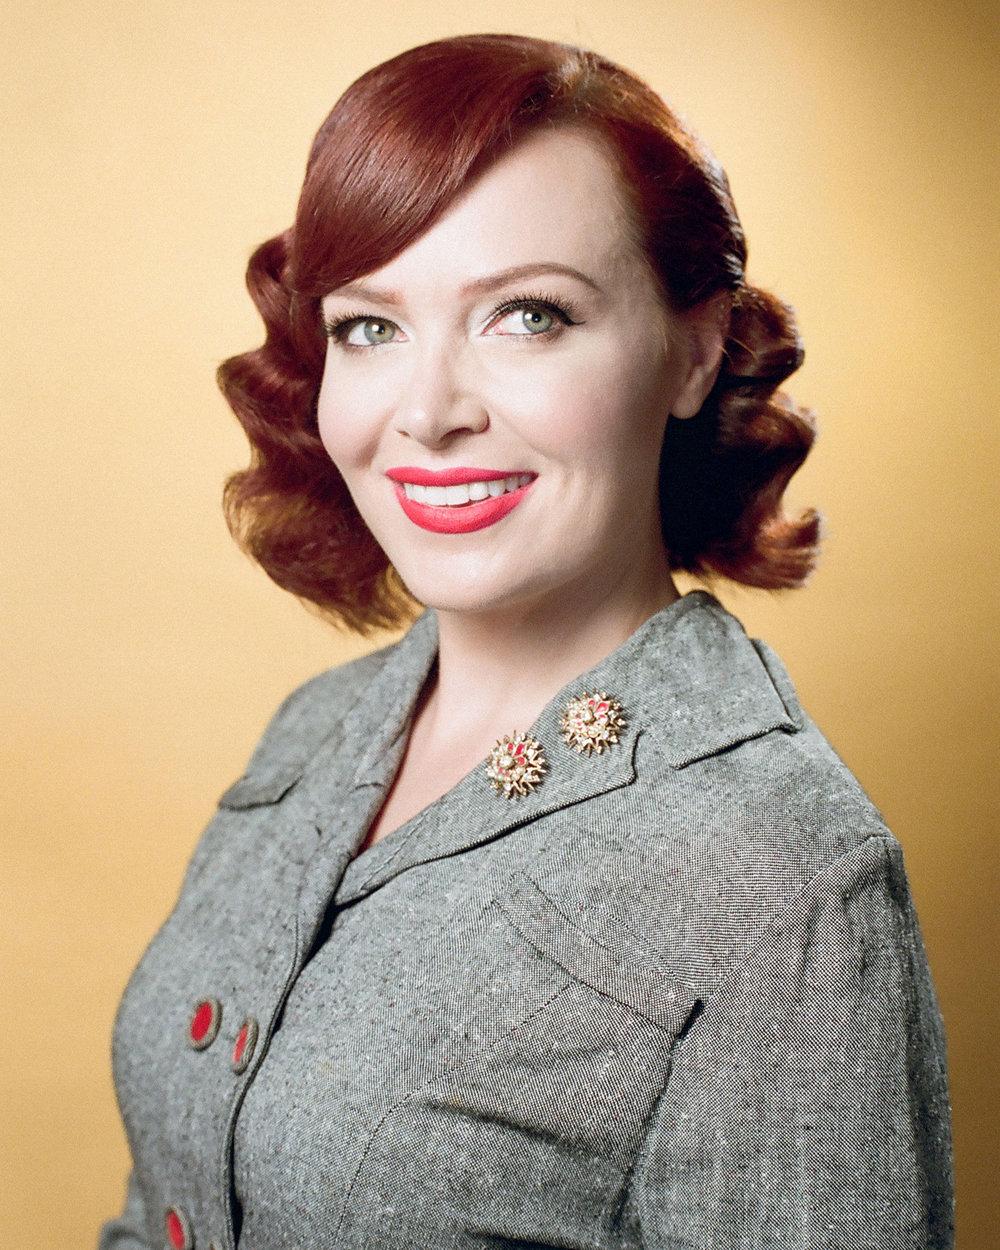 Alicia Malone